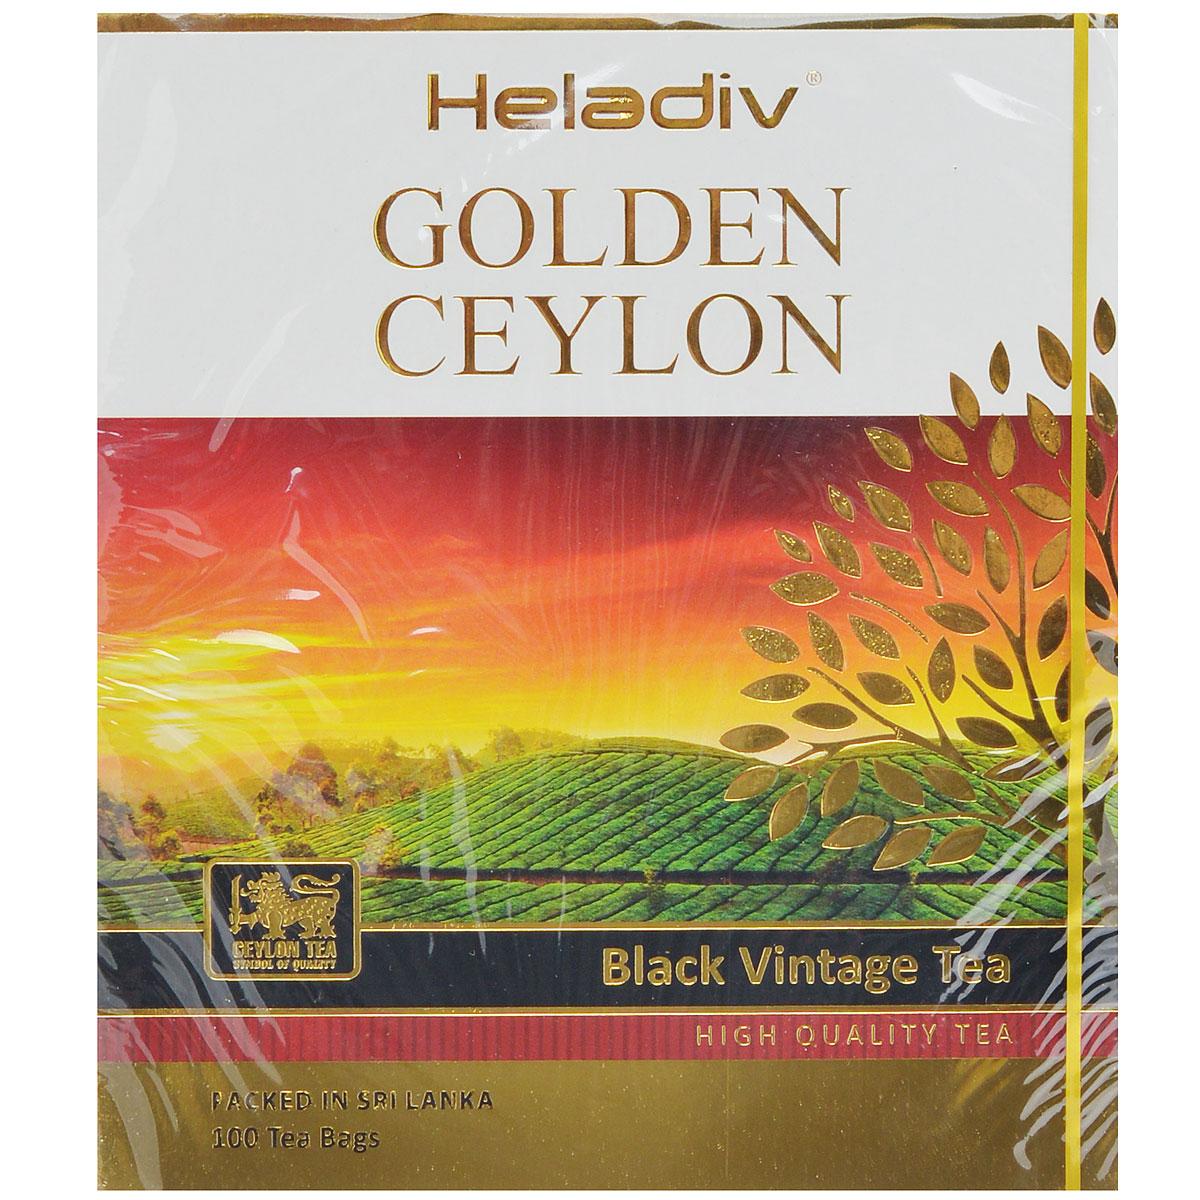 Heladiv Golden Ceylon Vintage Black черный пакетированный чай, 100 пакетиков